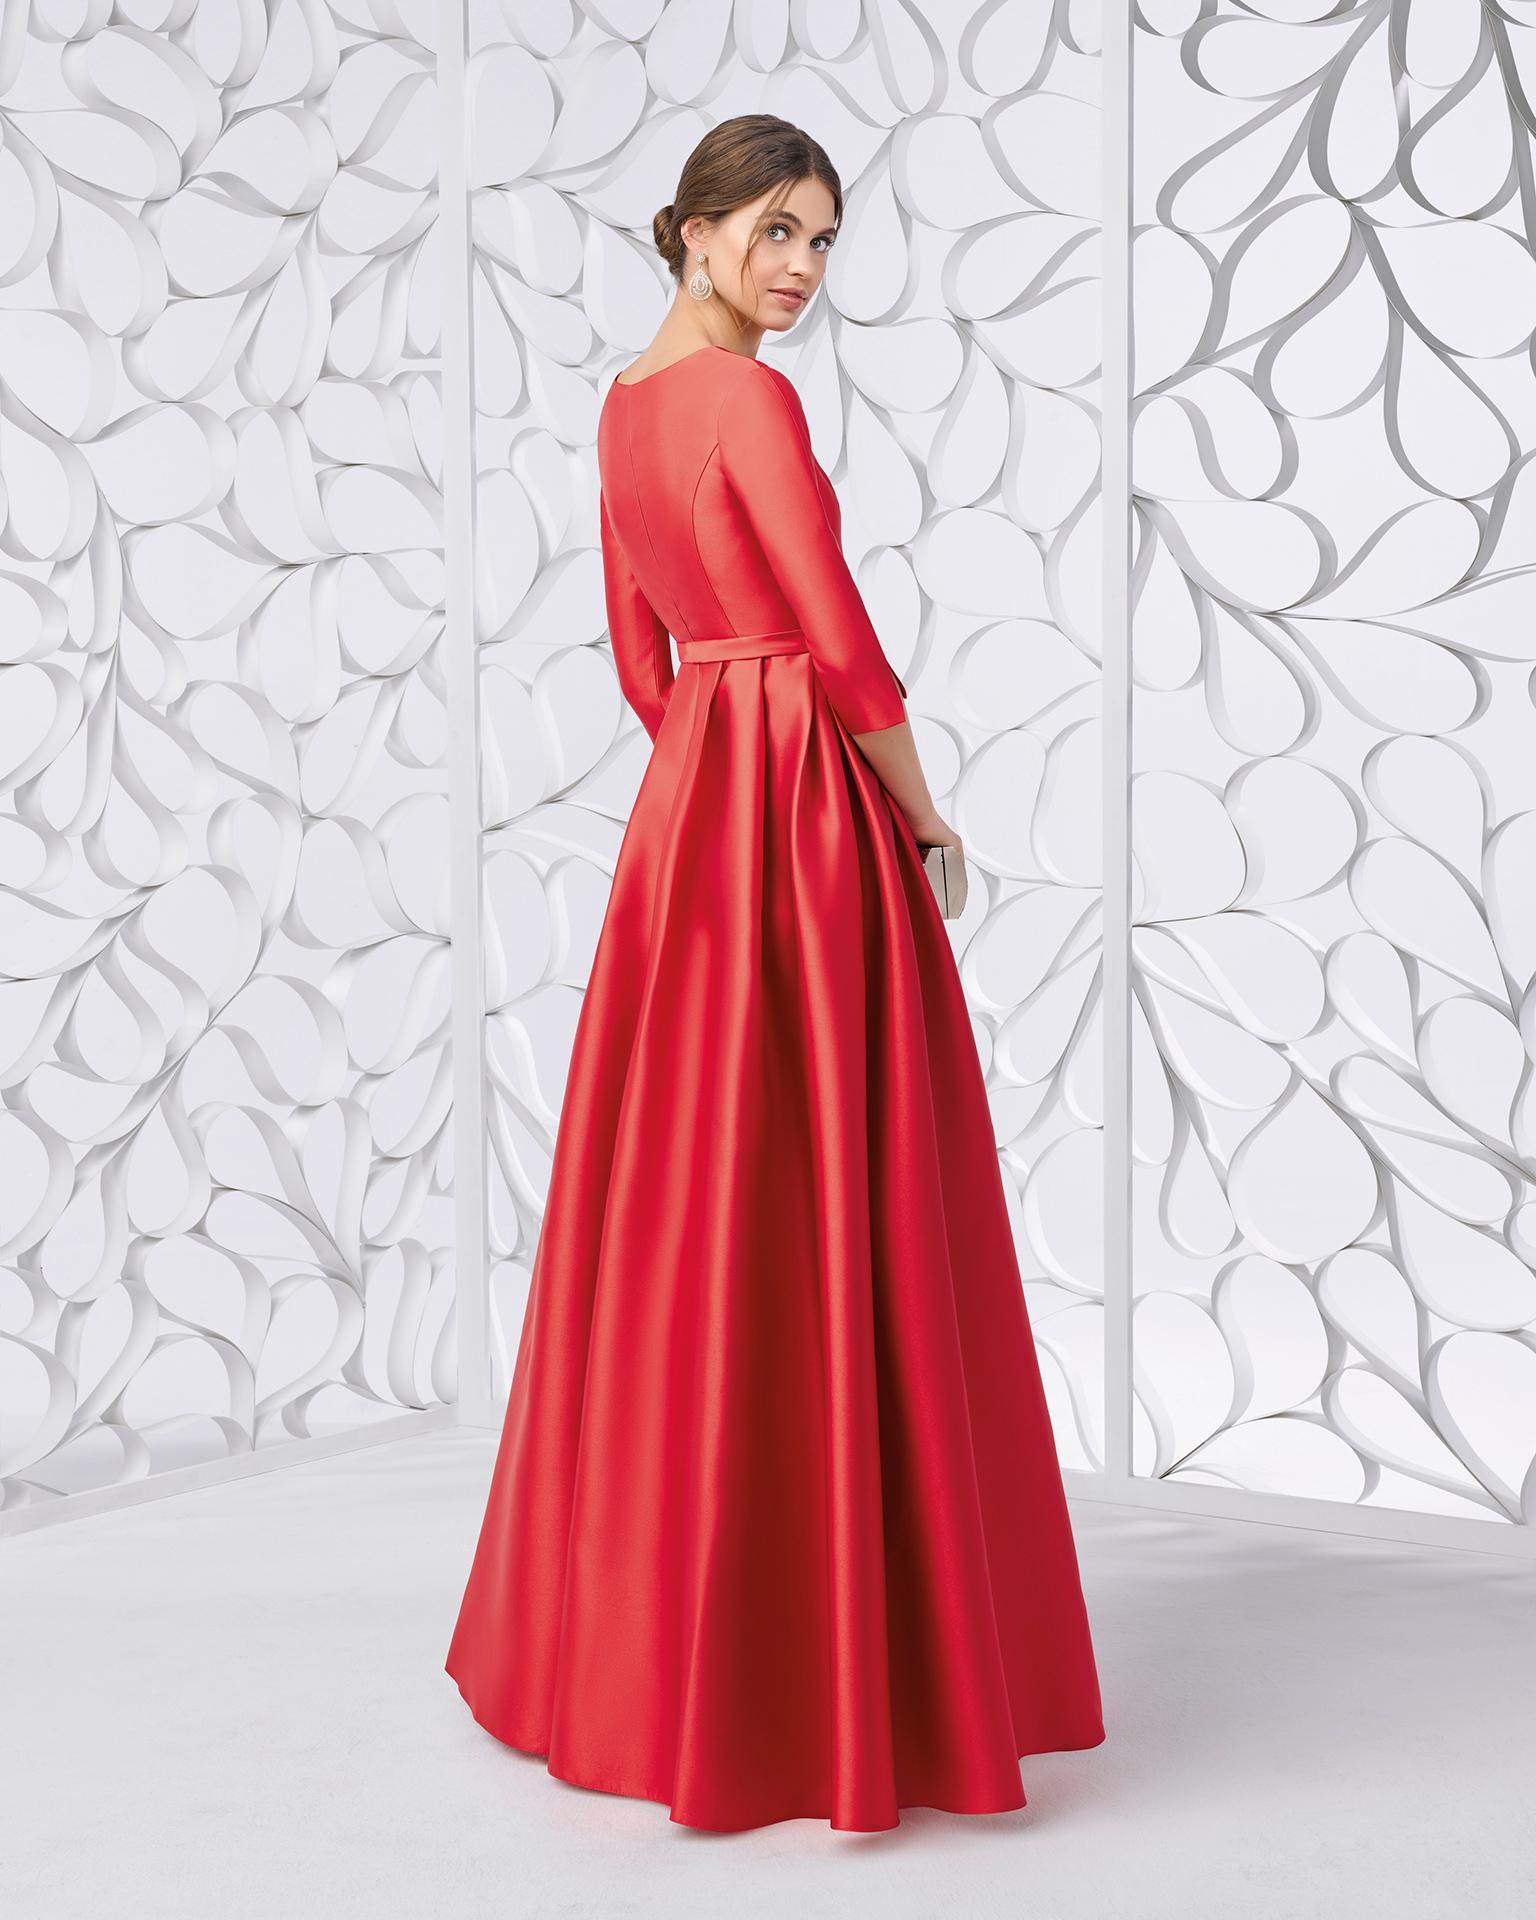 Vestido de fiesta mikado y pedrería, en color cobalto, plata, coral y rojo. Colección FIESTA AIRE BARCELONA 2018.